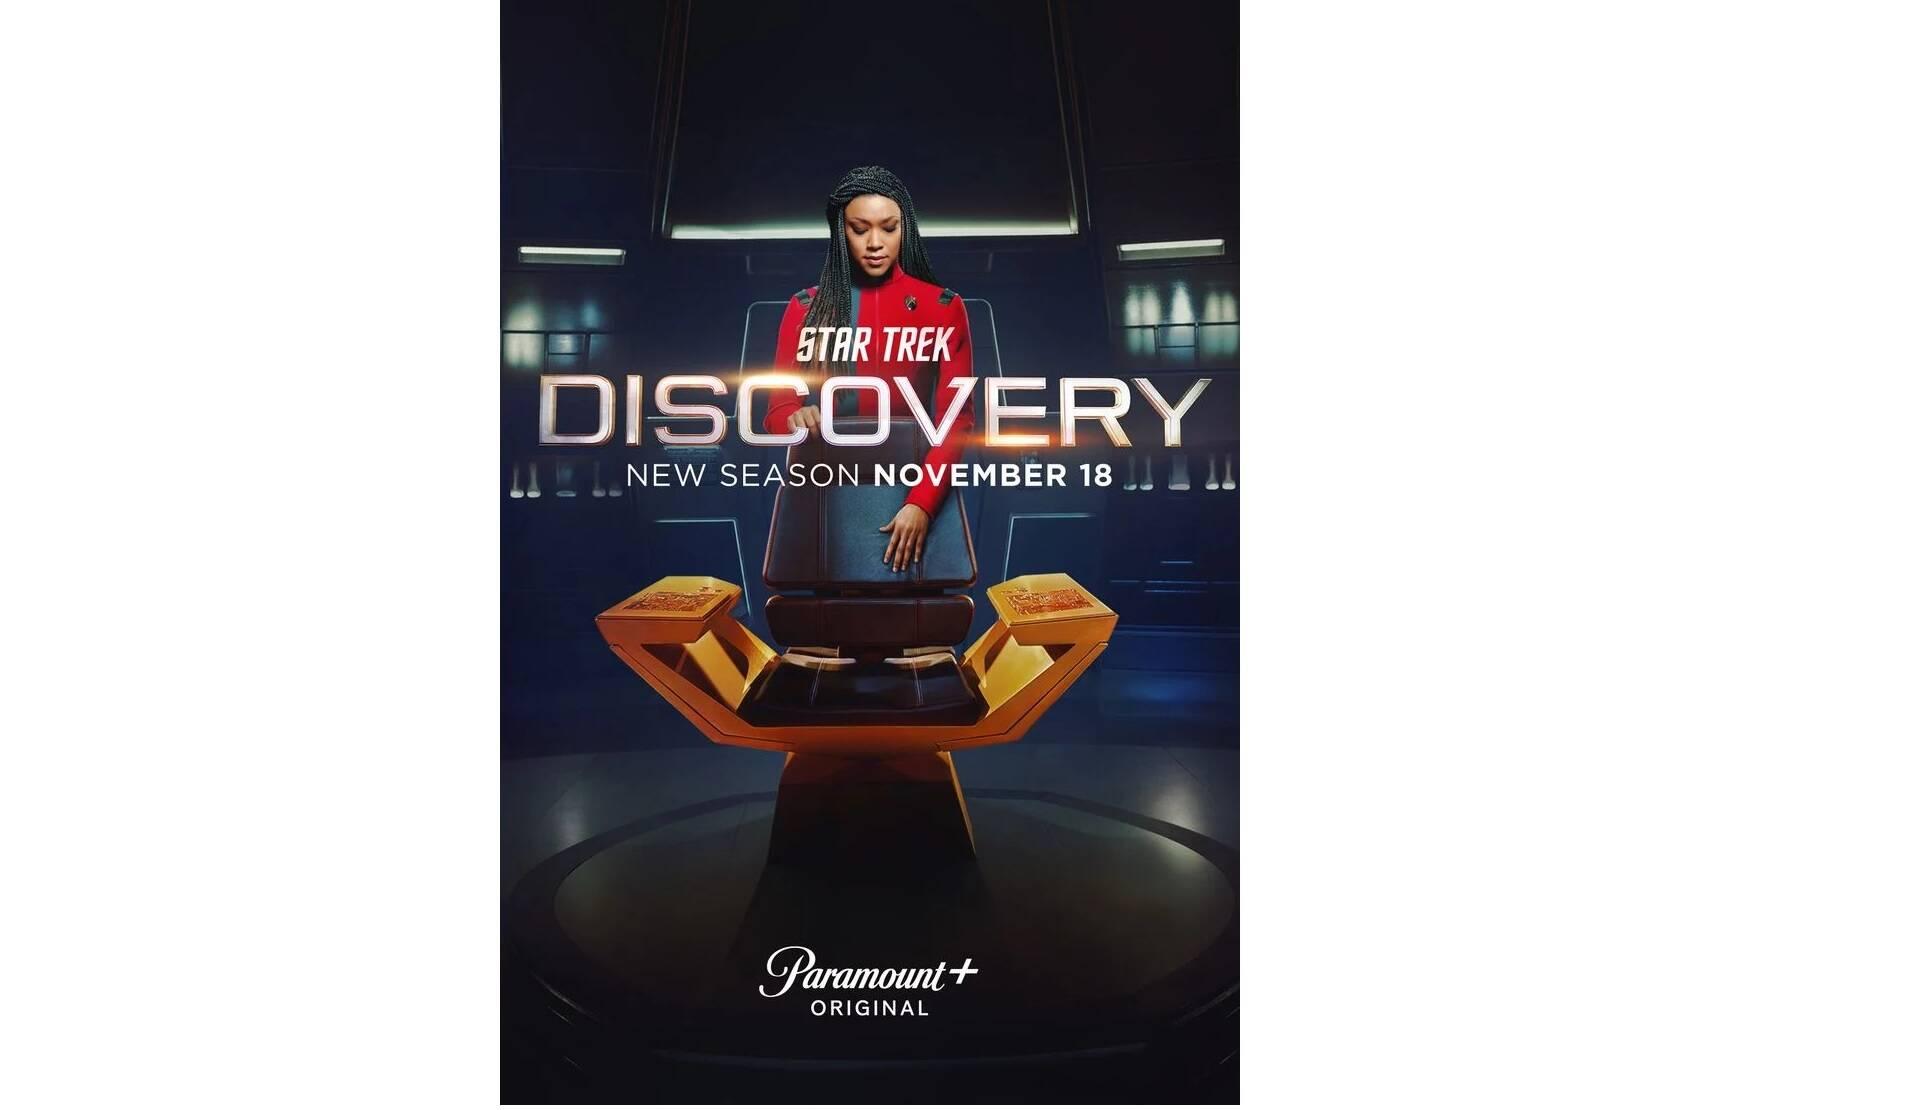 nuovo trailer di Star Trek Discovery 4